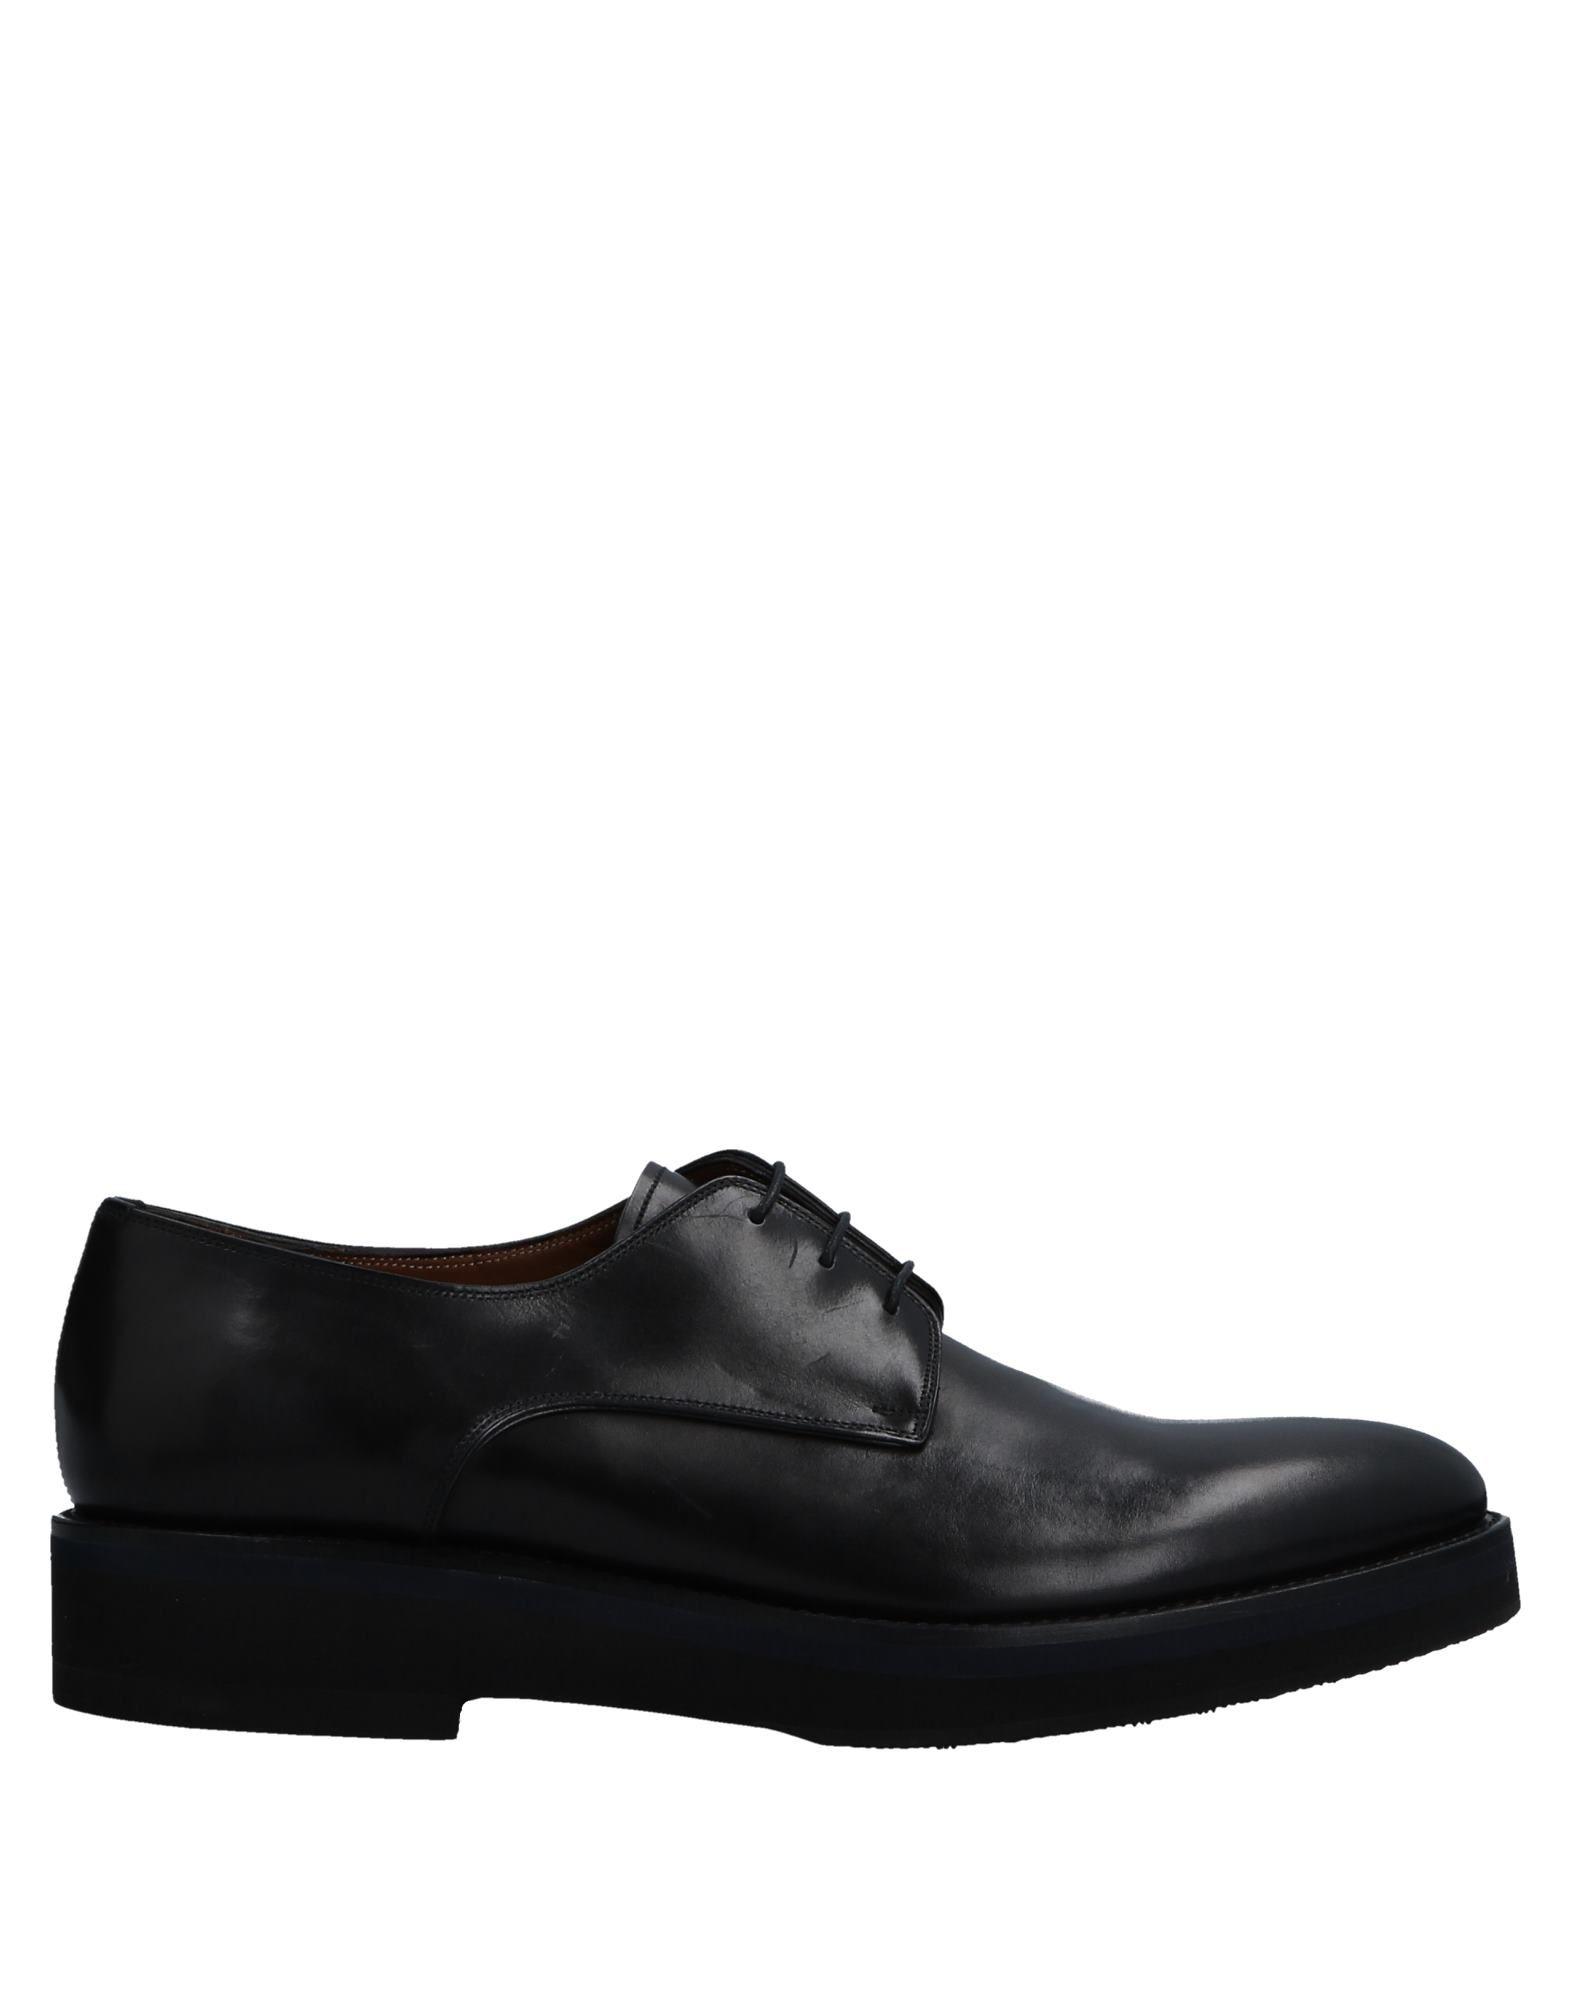 Premiata Schnürschuhe Herren  11528732LW Gute Qualität beliebte Schuhe